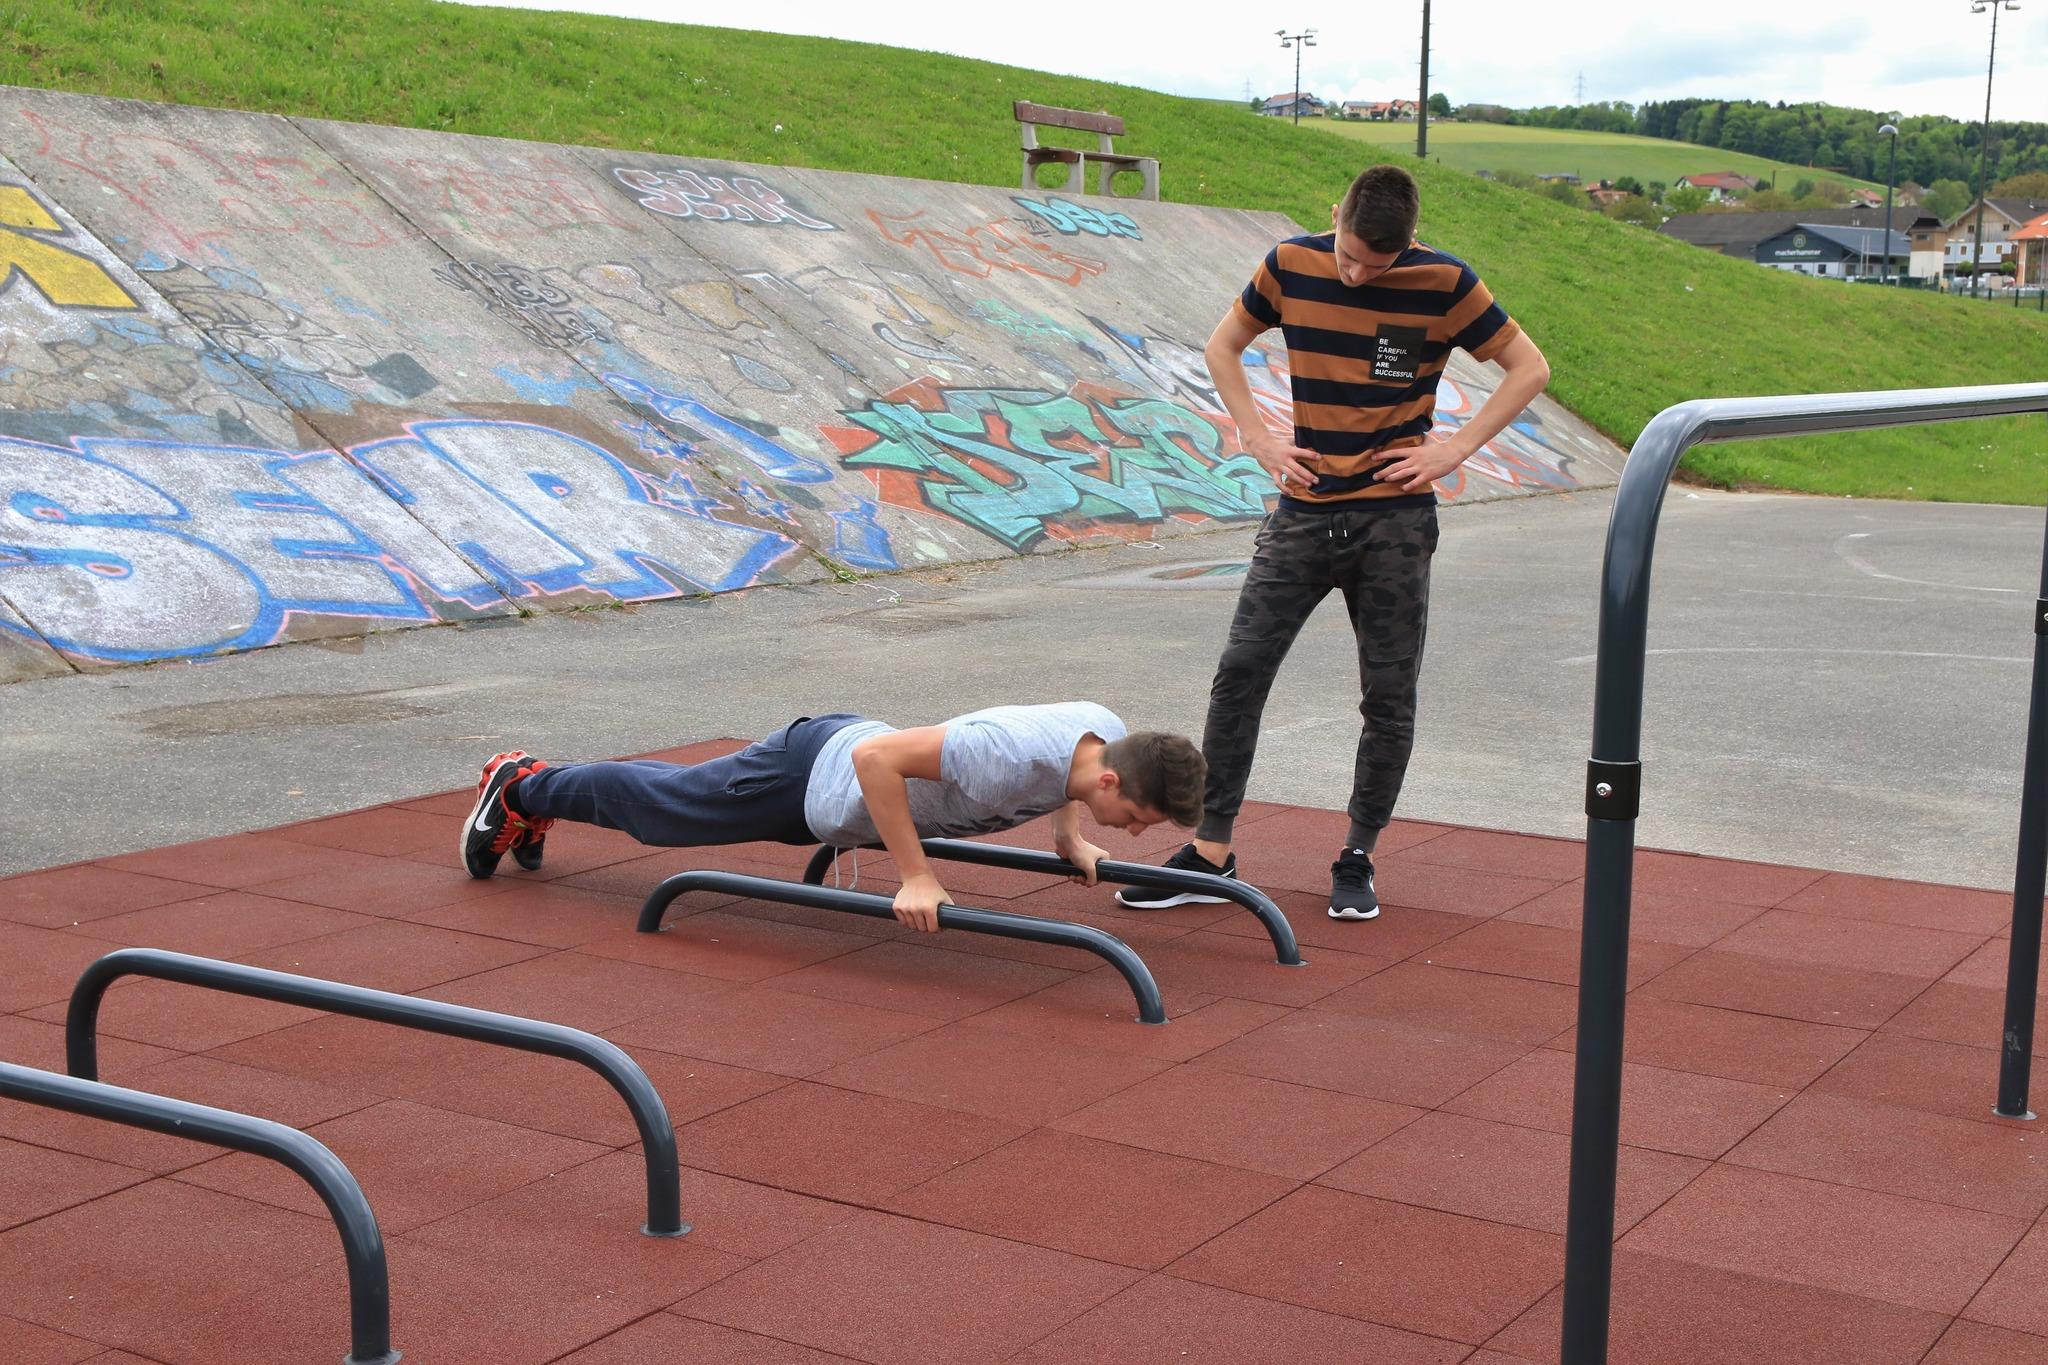 Klettergerüst Calisthenics : Grundprinzipien einer calisthenics einheit u ein beispiel workout